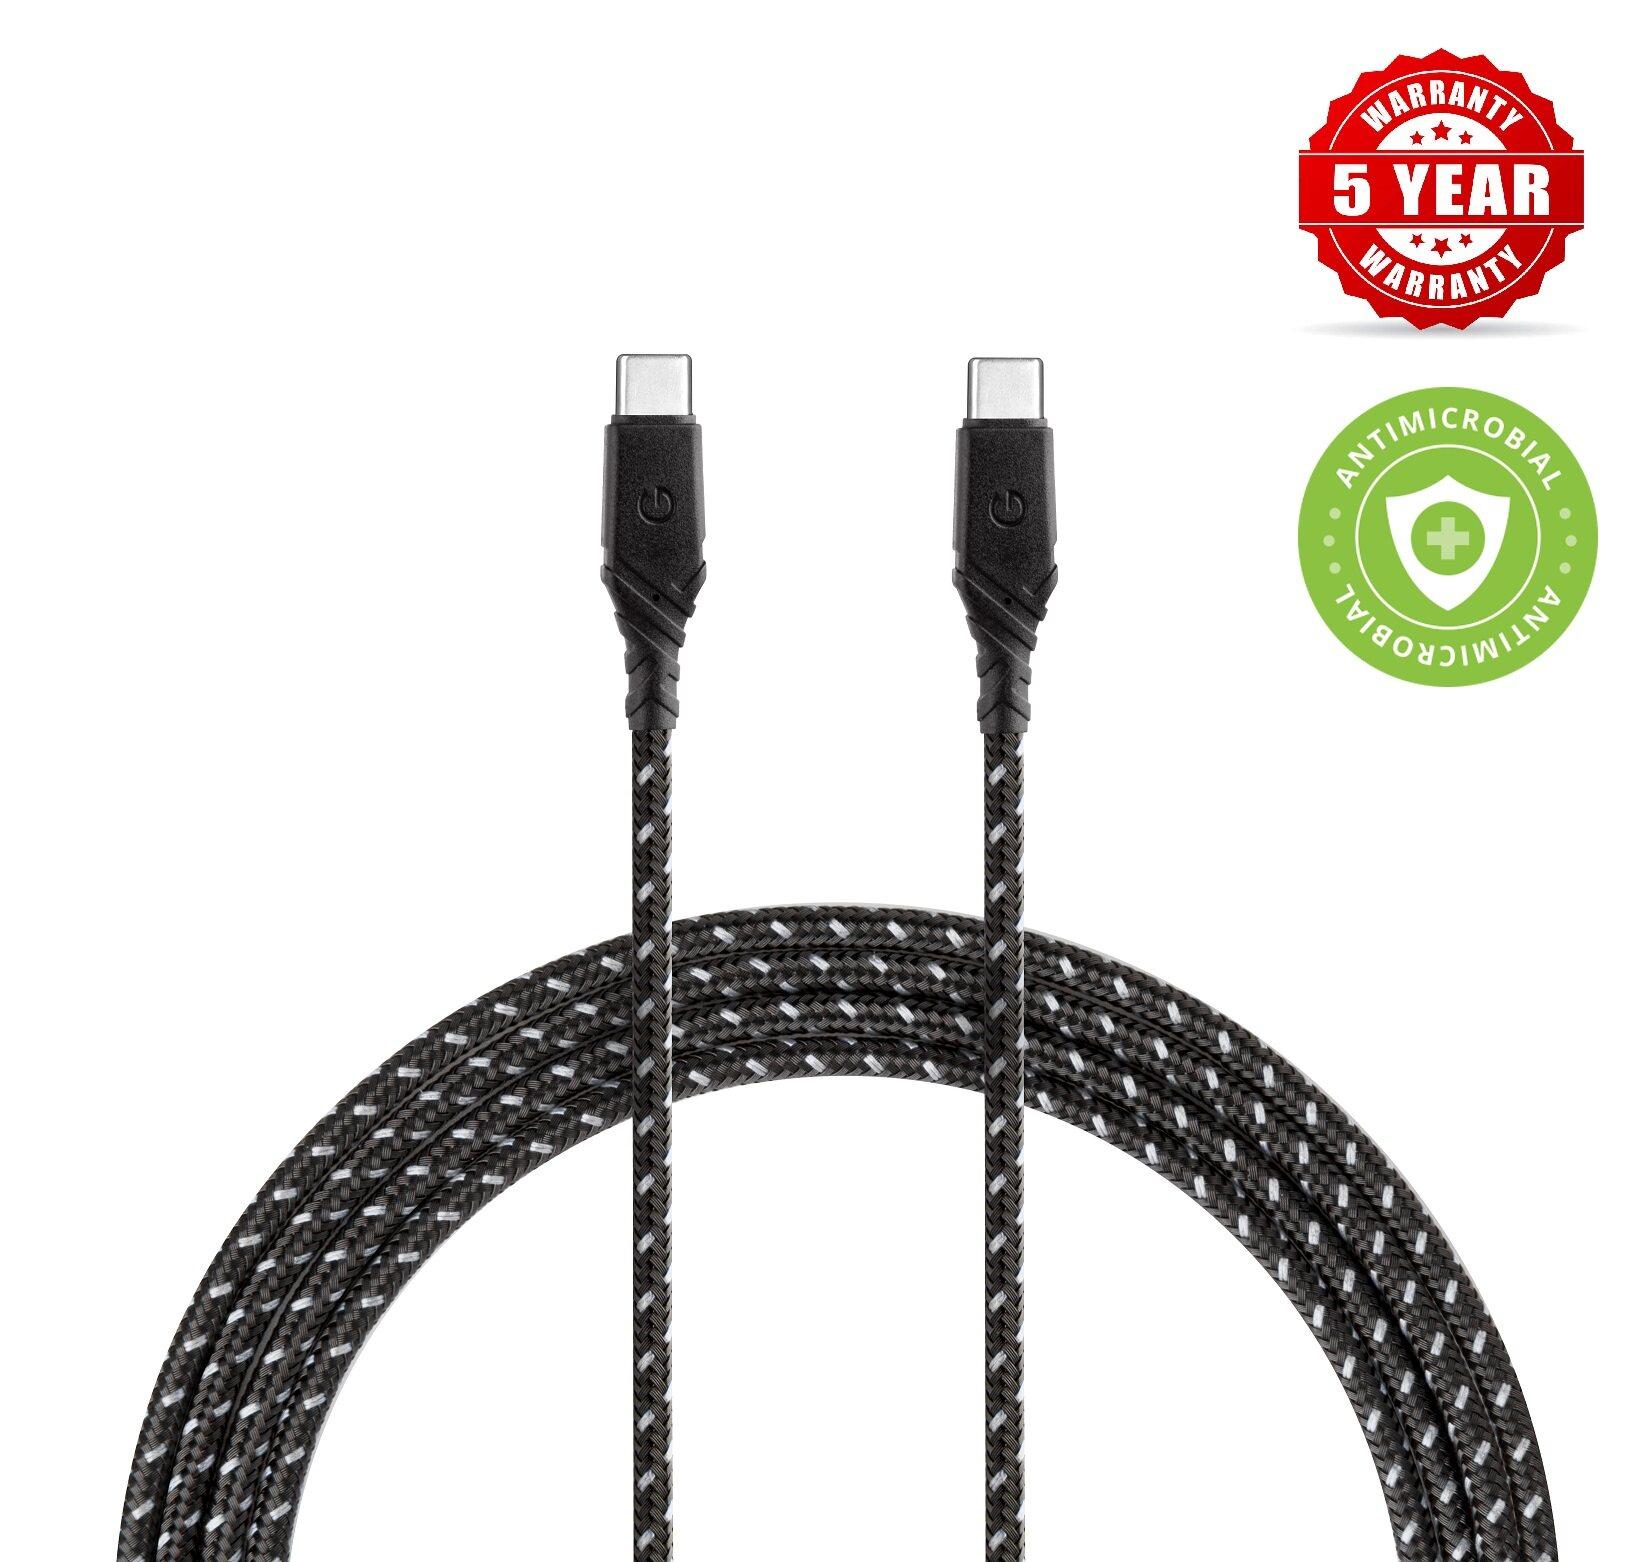 Energea DuraGlitz Anti-Microbial 2.0 USB-C to USB-C 5A – 1.5m - 5 year Warranty